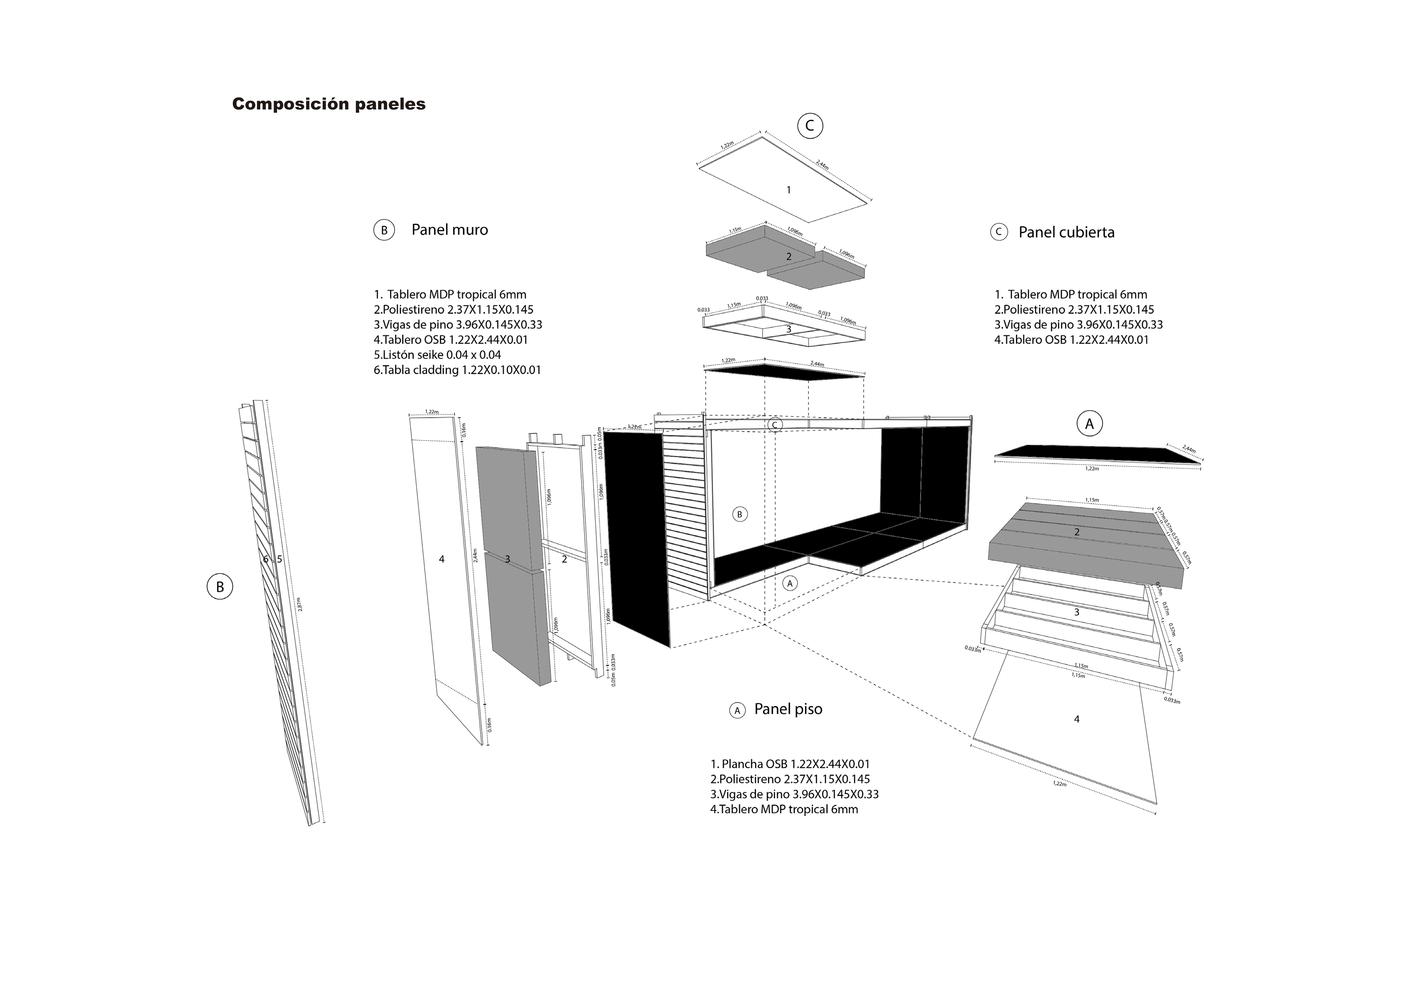 El 90% del material utilizado es madera de pino. Madera sólida para la estructura de piso, paredes cerchas y entrepiso. Tableros de OSB como recubrimiento interno y externo de los paneles. Duelas recicladas quemadas y cepilladas para proteger toda la estructura de la lluvia.